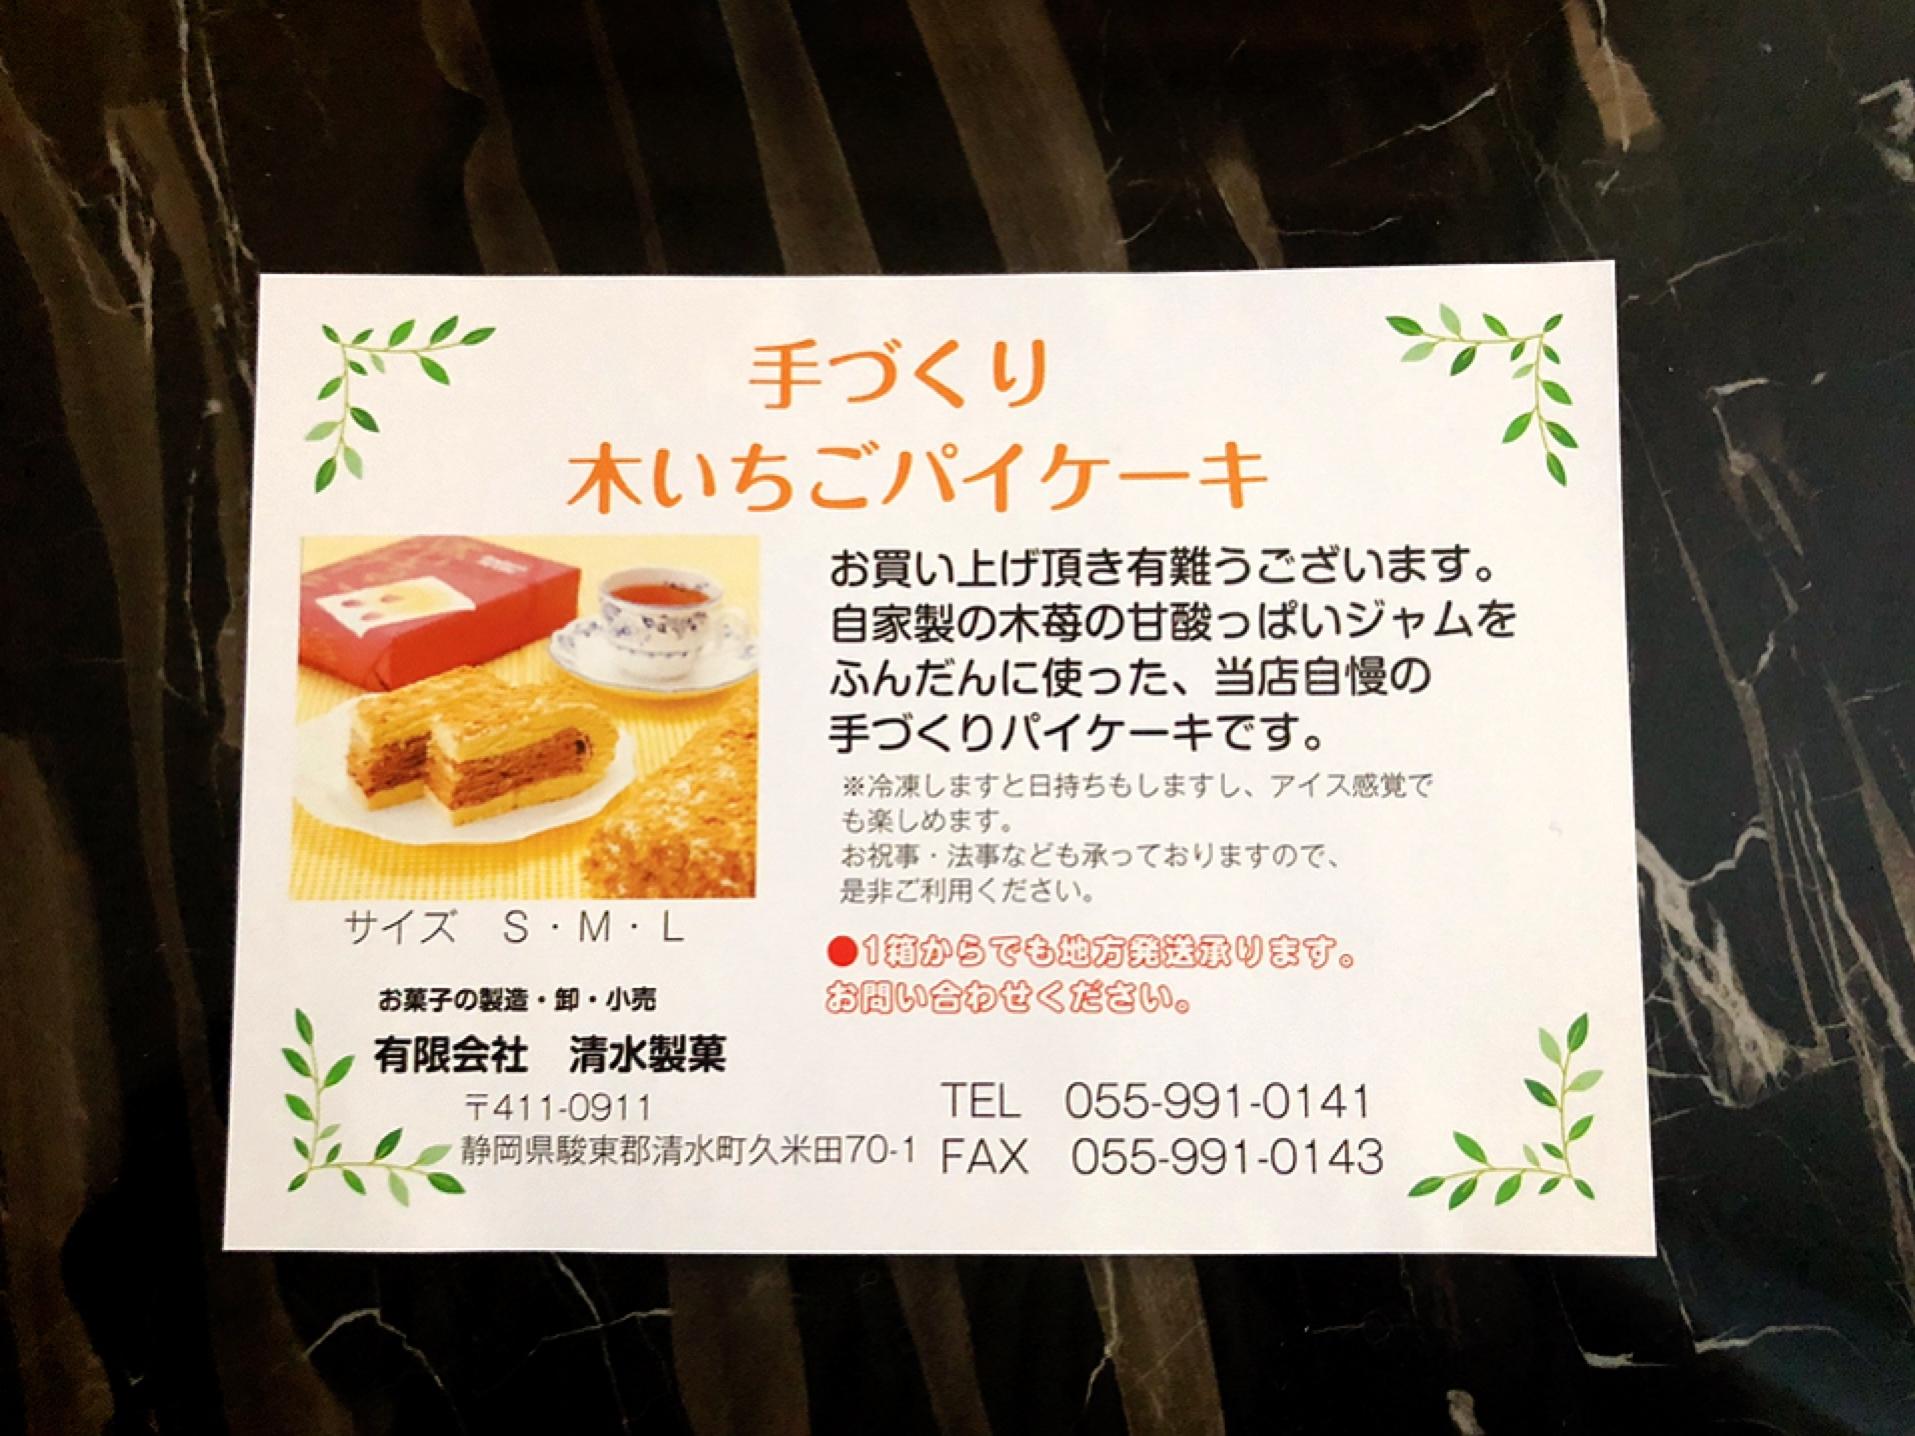 【おすすめいちごスイーツ】【#静岡】お取り寄せ可♡伊豆でGET♩木いちごパイケーキ_6